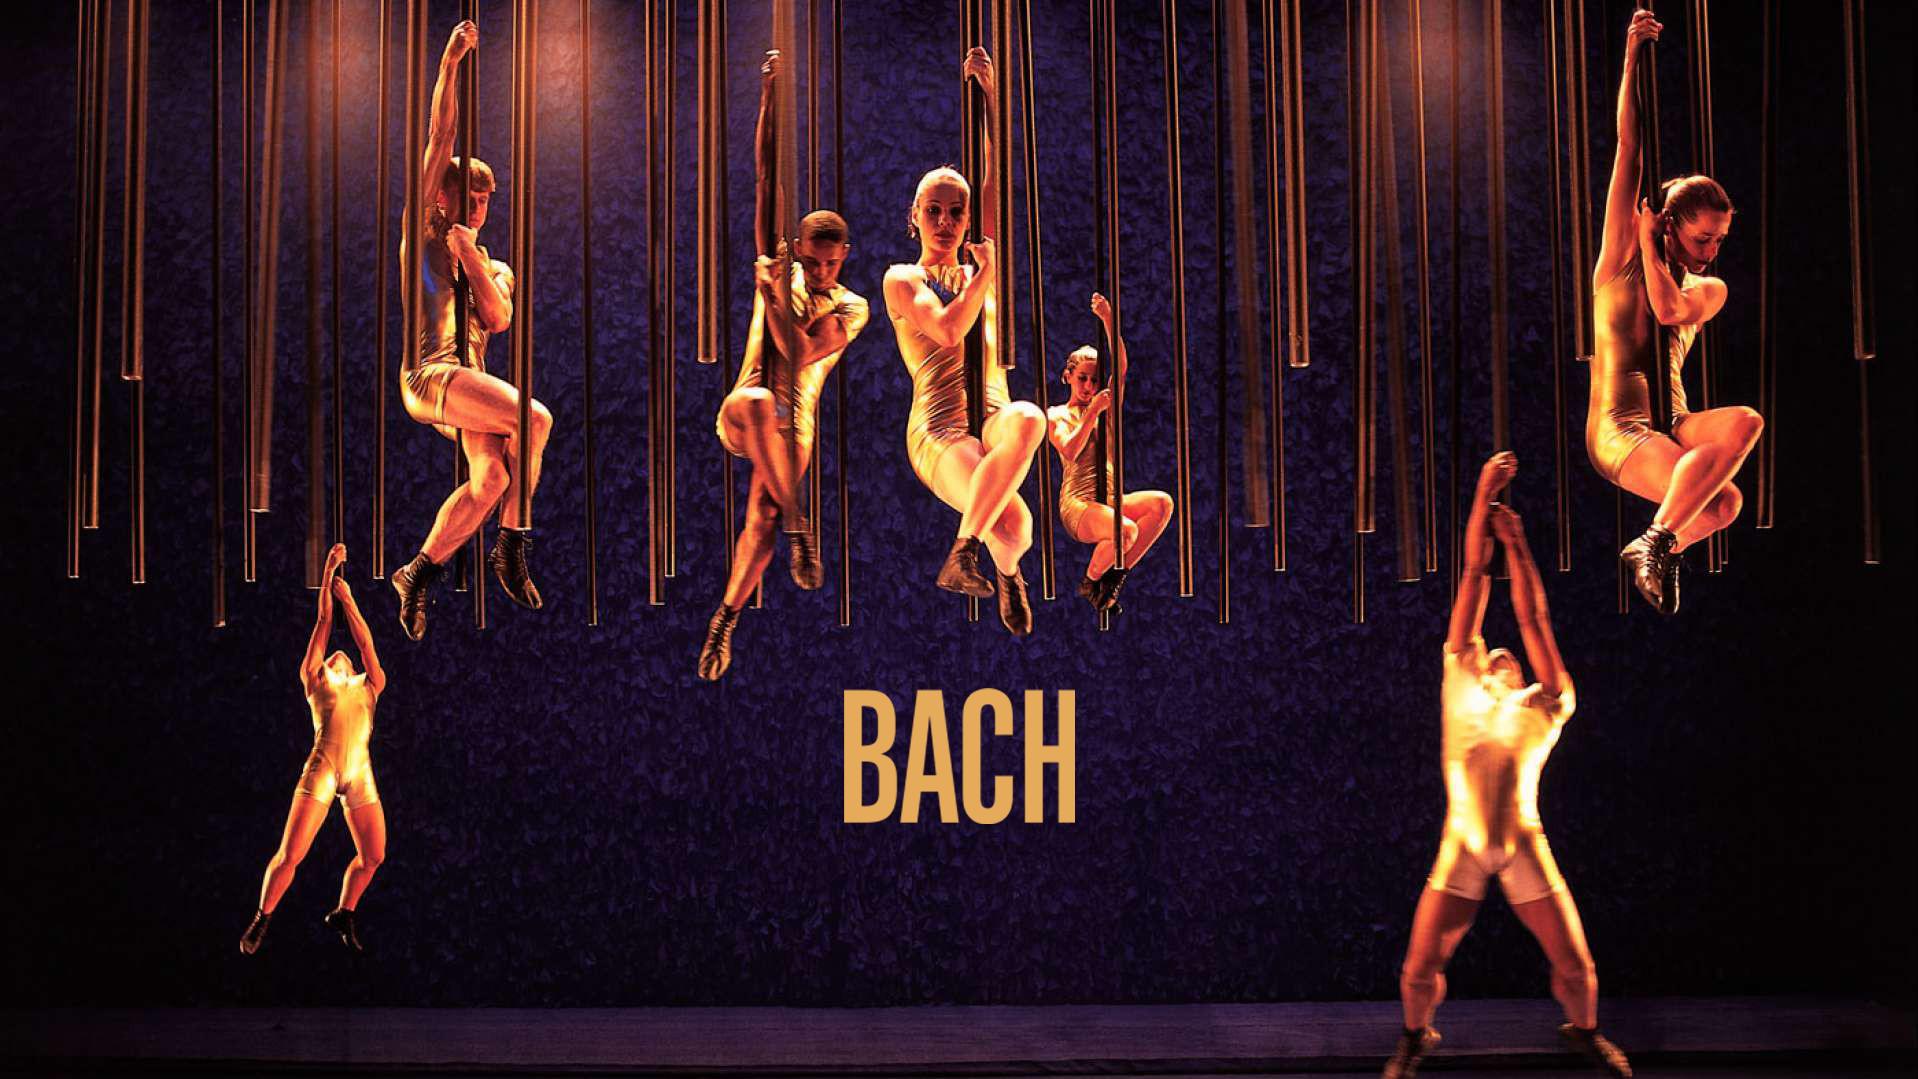 Bailarinos do Grupo Corpo dançam em tubos que se precipitam do teto (Foto: Divulgação)